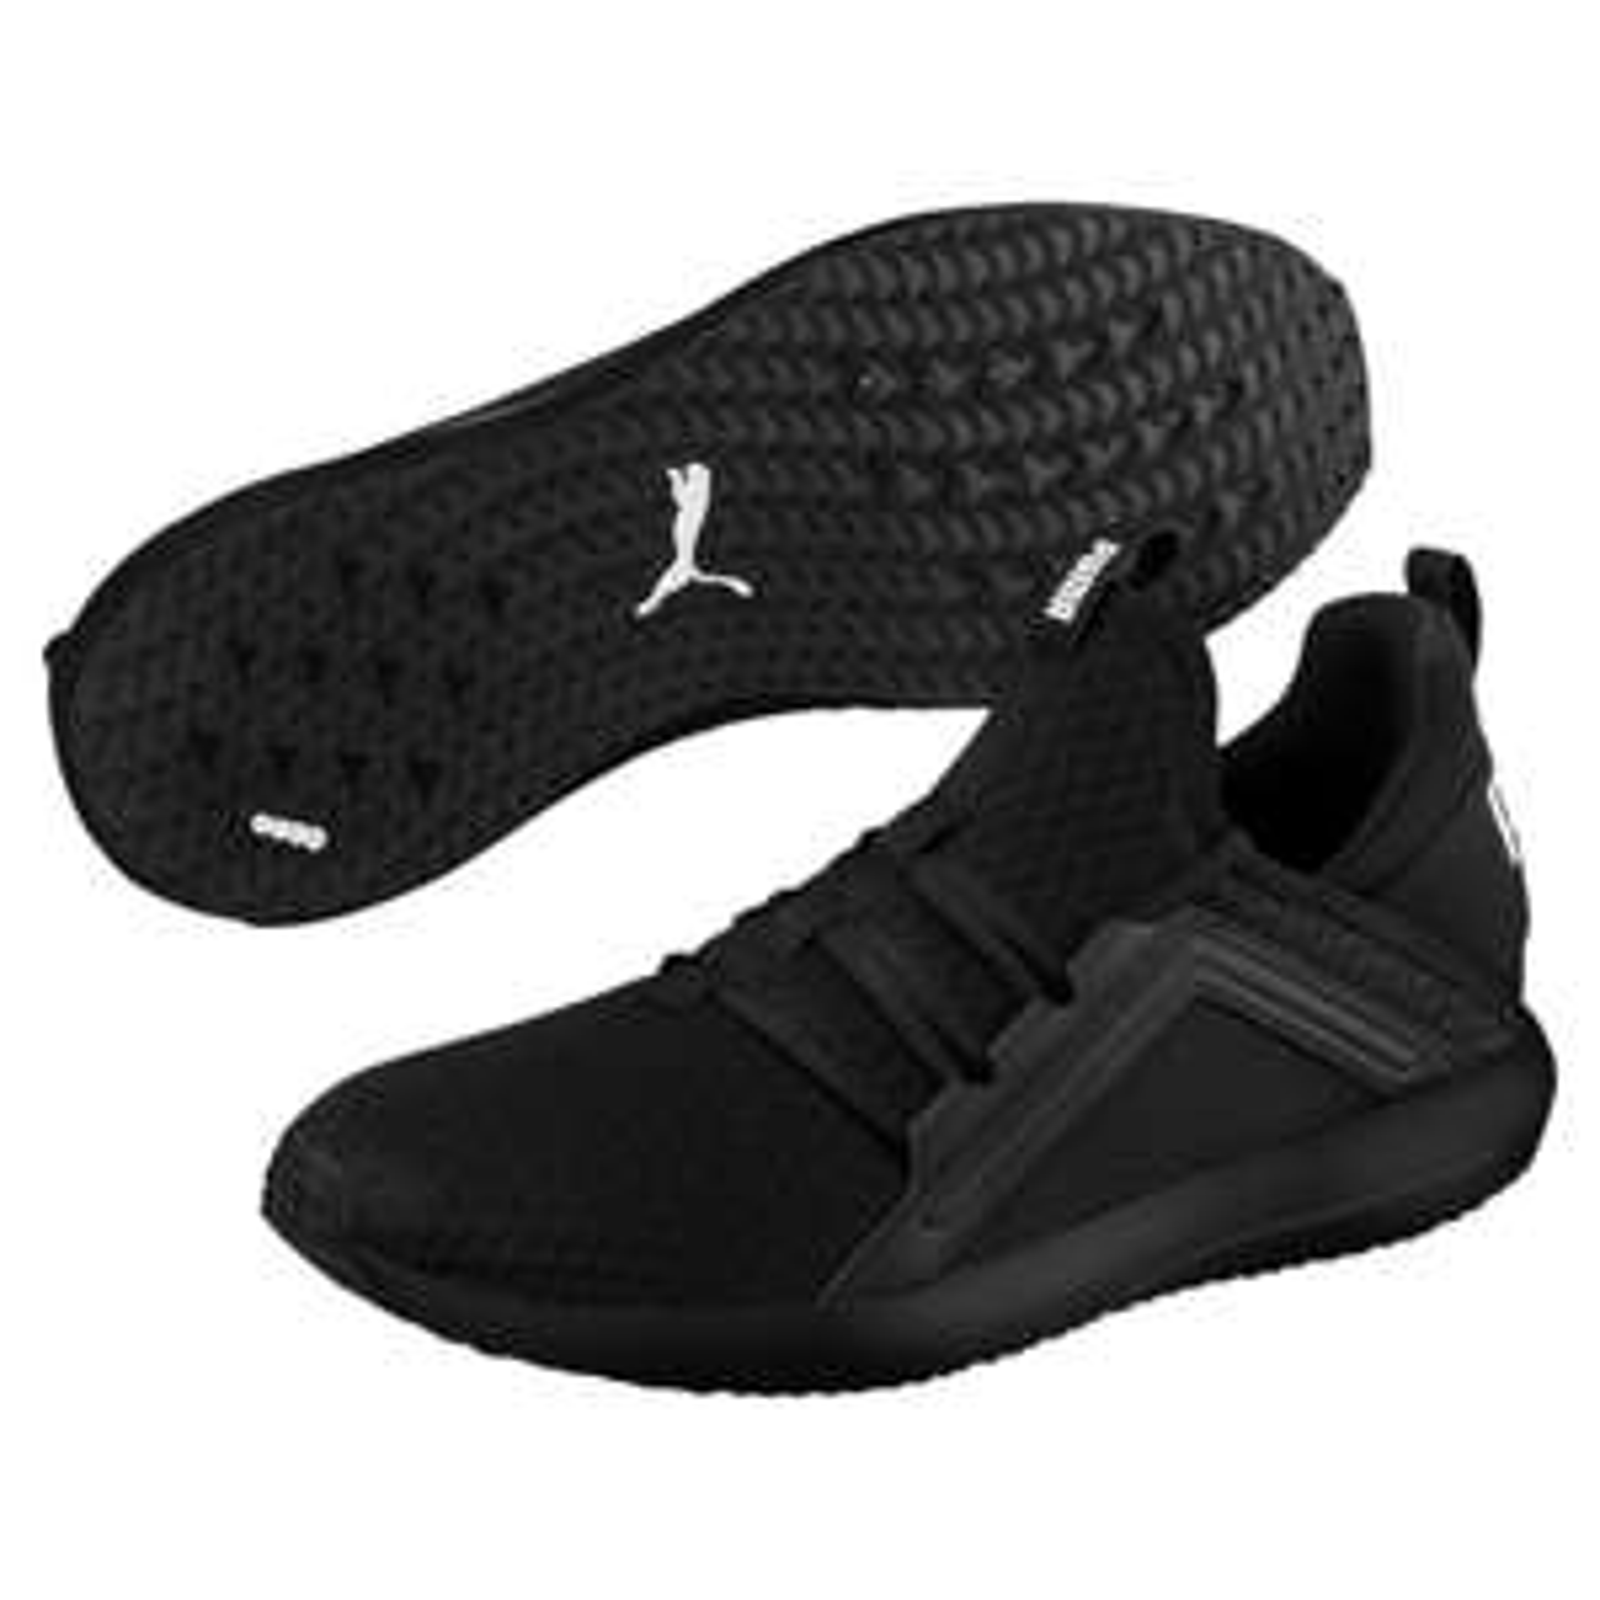 PUMA Mega NRGY Herren Sneaker (Laufschuhe) - 2 Paar für 48€!!!